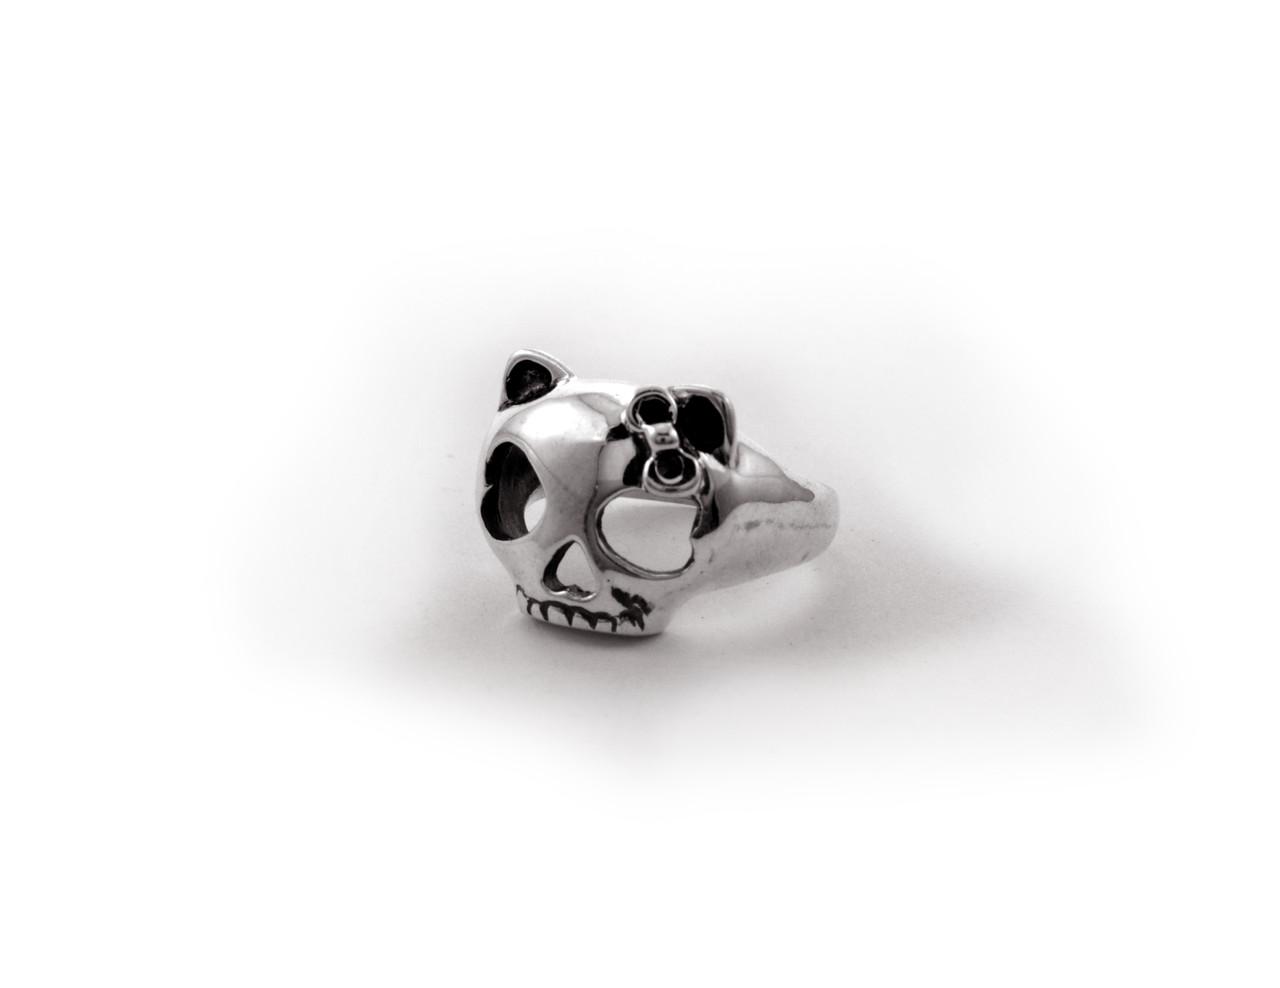 Кольцо из серебра EJ Kitty Dead Размер 21